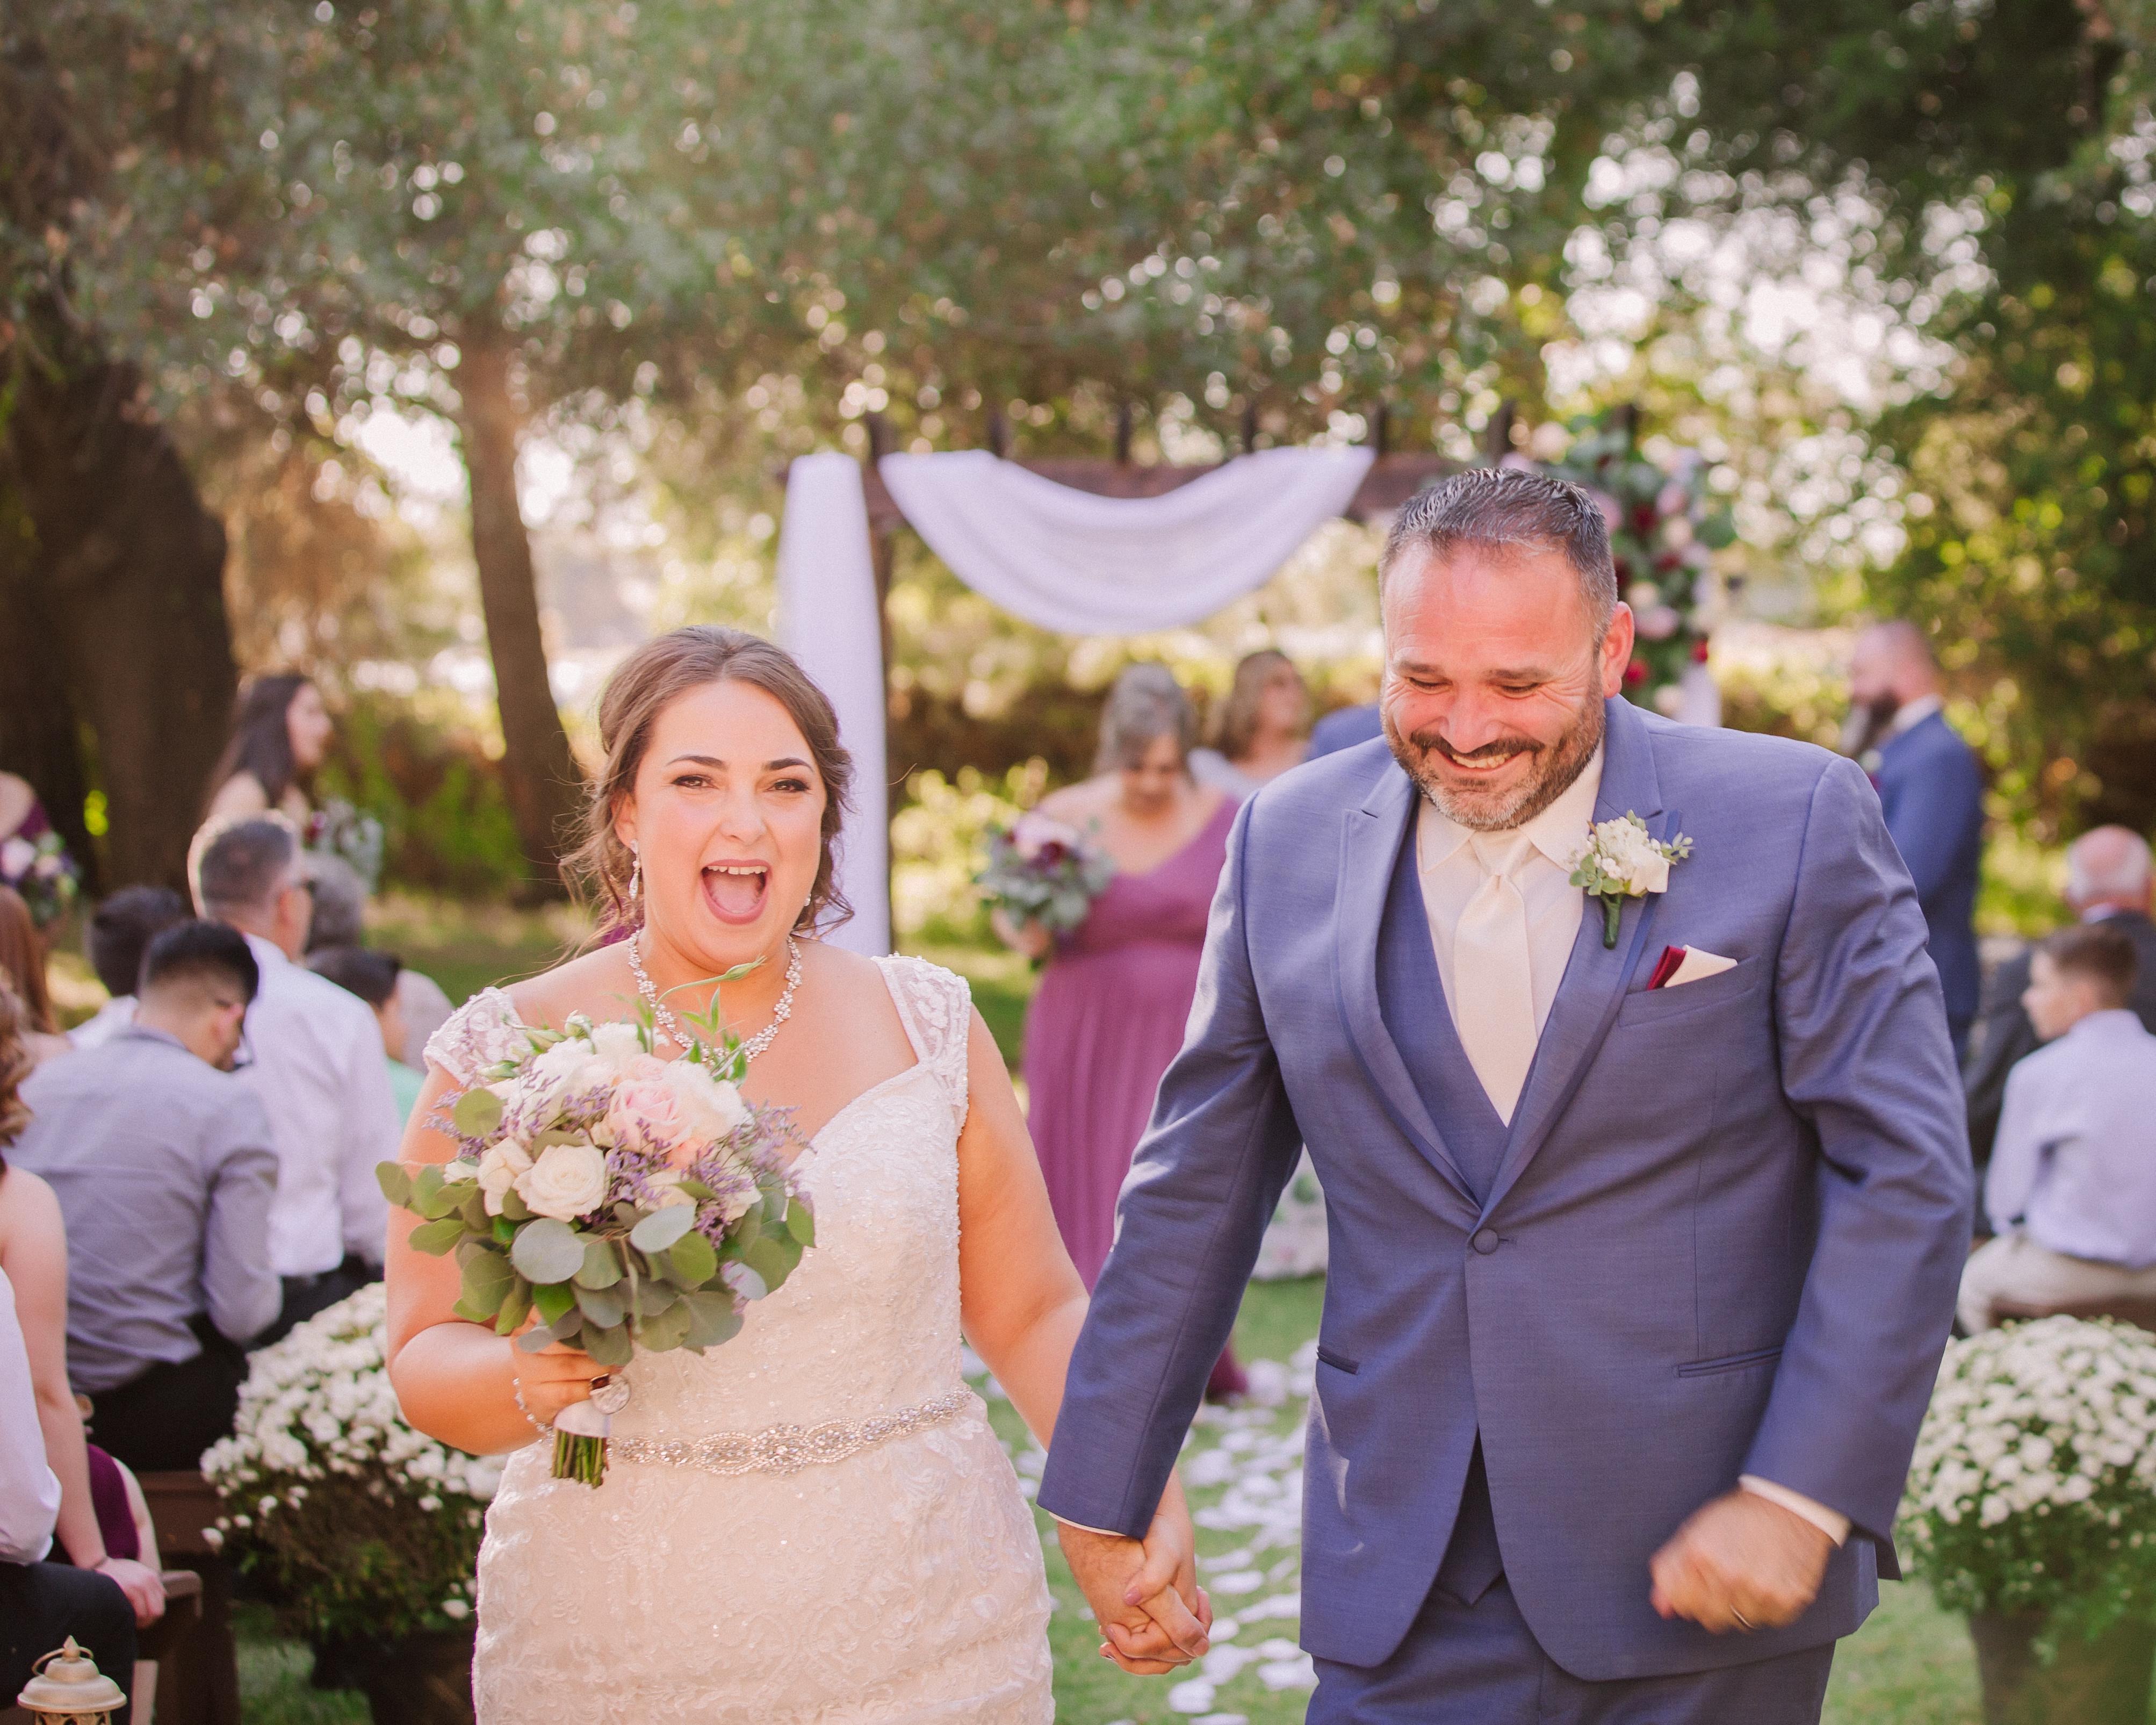 WEDDINGS & QUINCEANERAS